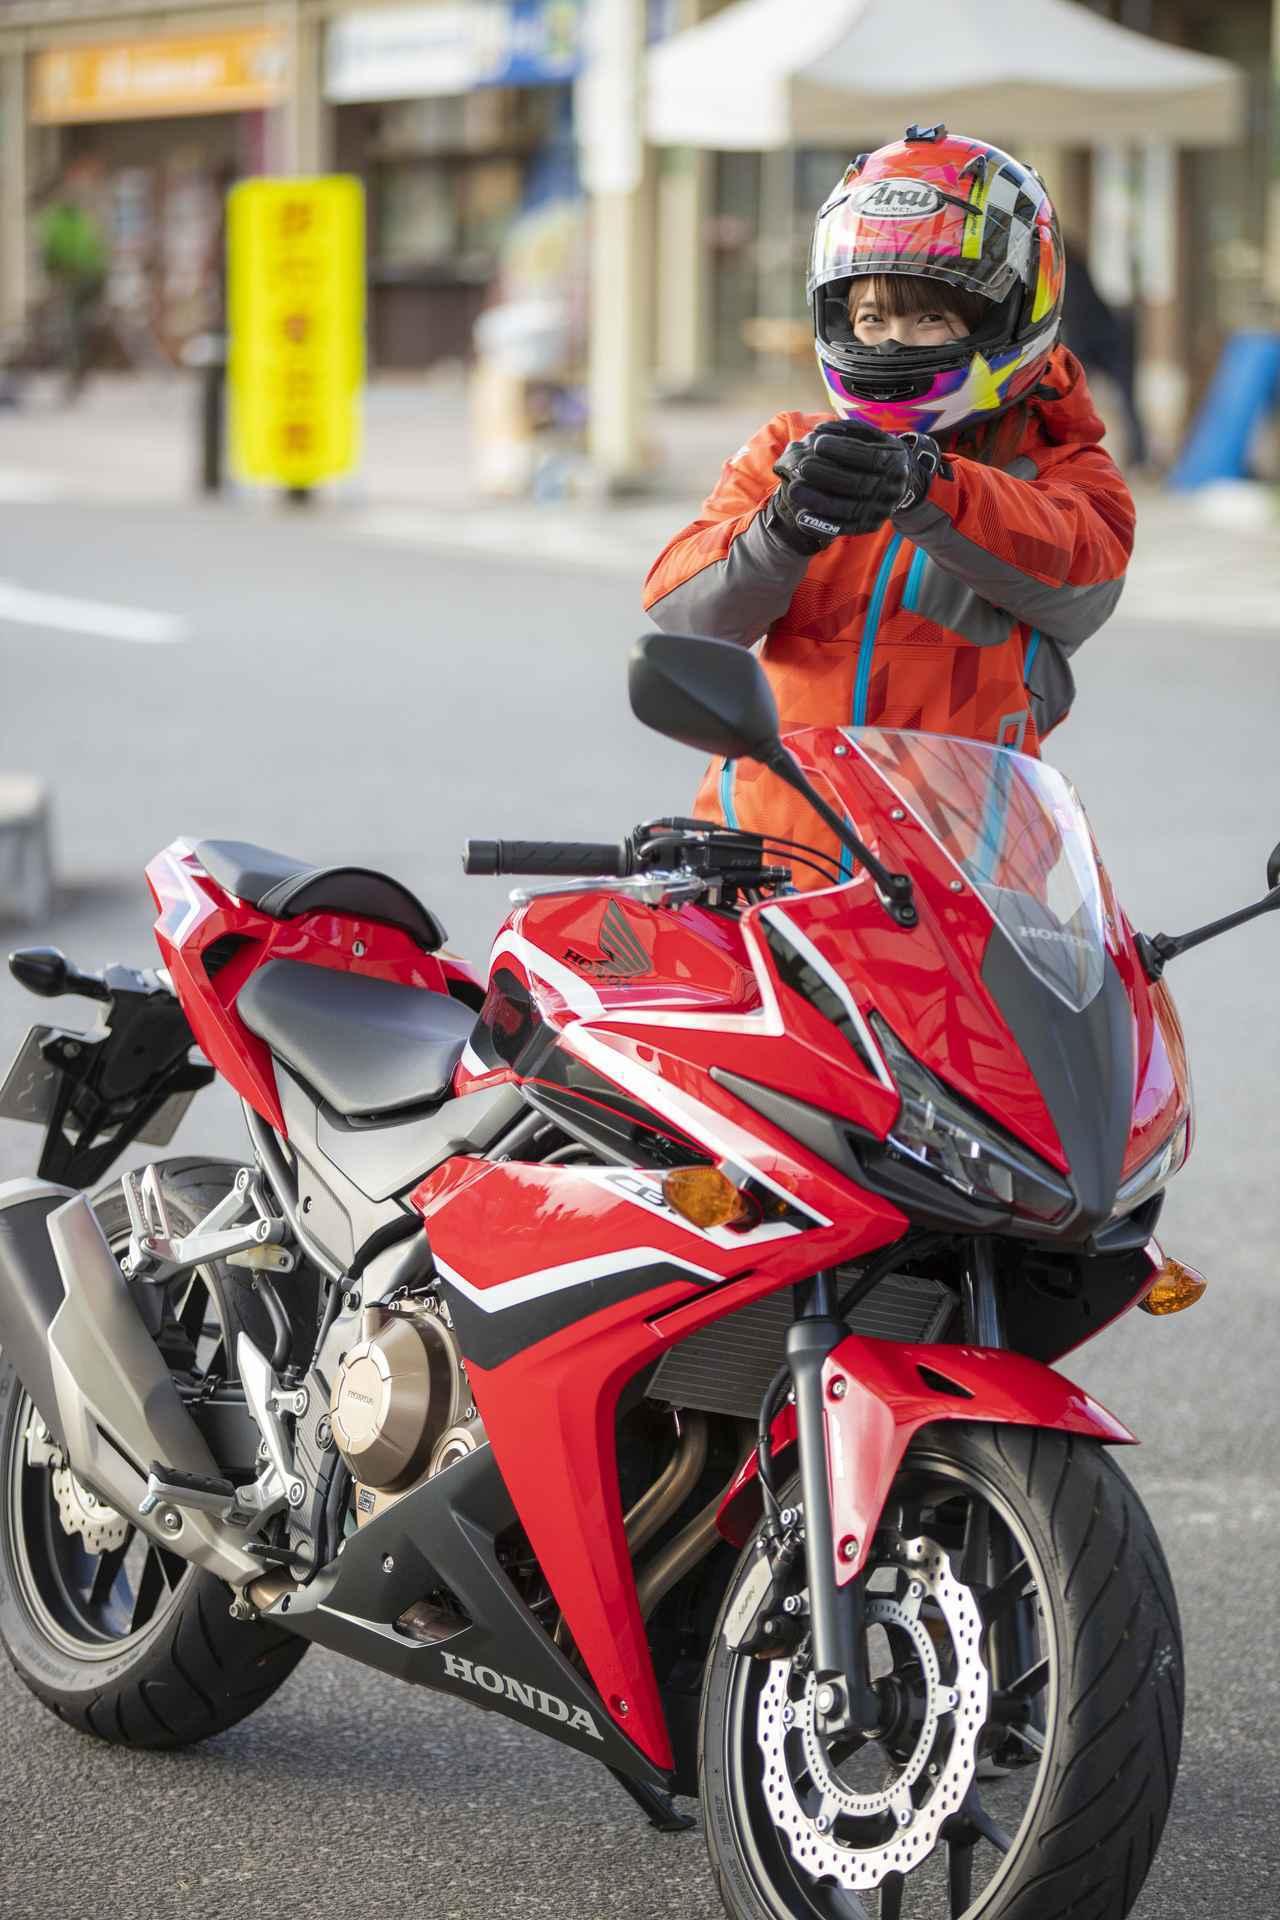 画像: 都内から近場! 富士山周遊ツーリングその1【声優・西田望見のA Little♡Rider @ CBR400R】 - A Little Honda